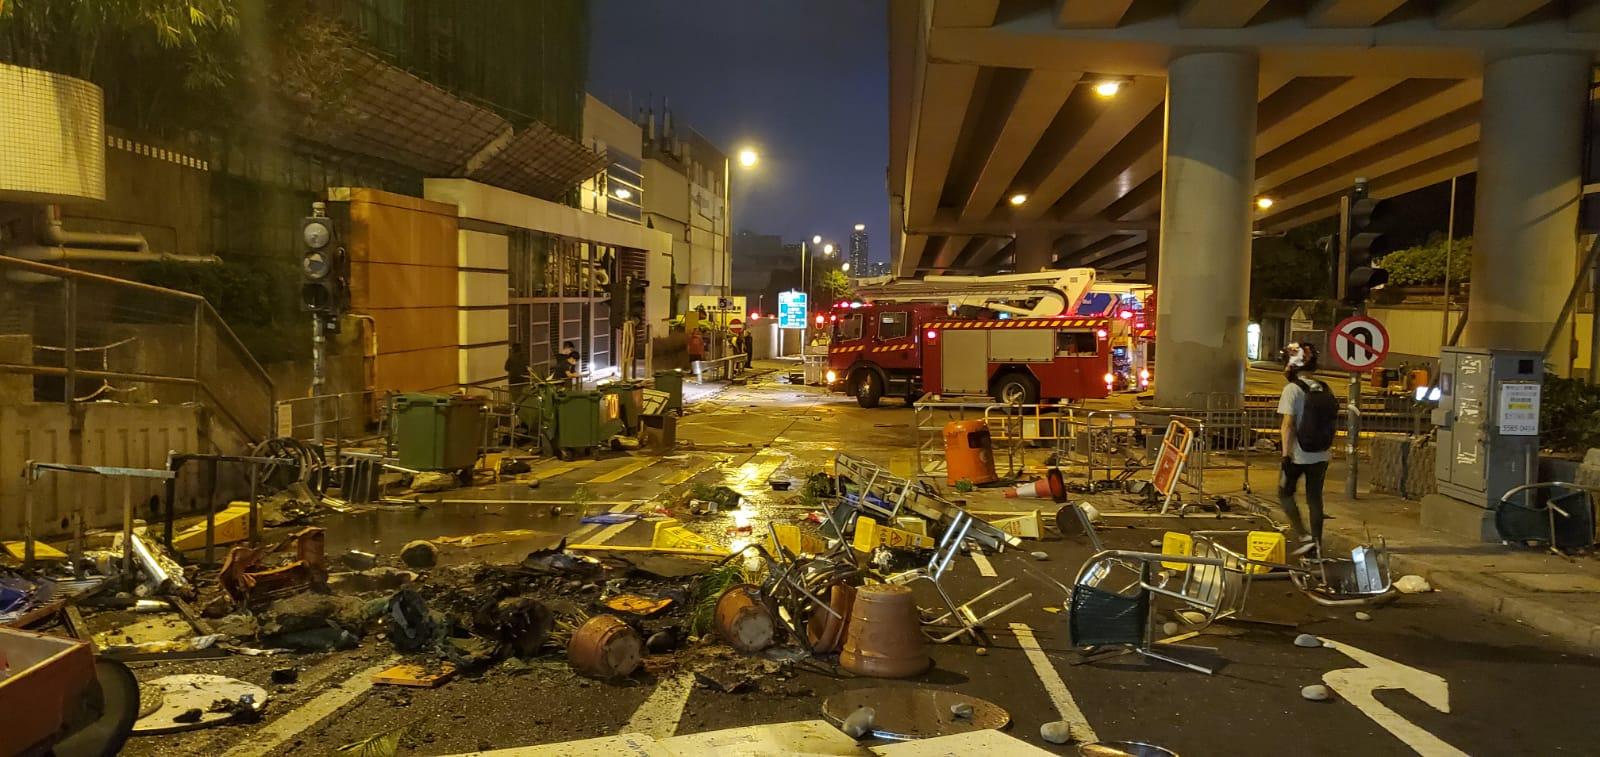 【大三罷】示威者九龍塘堵路縱火 警察近城大發催淚彈